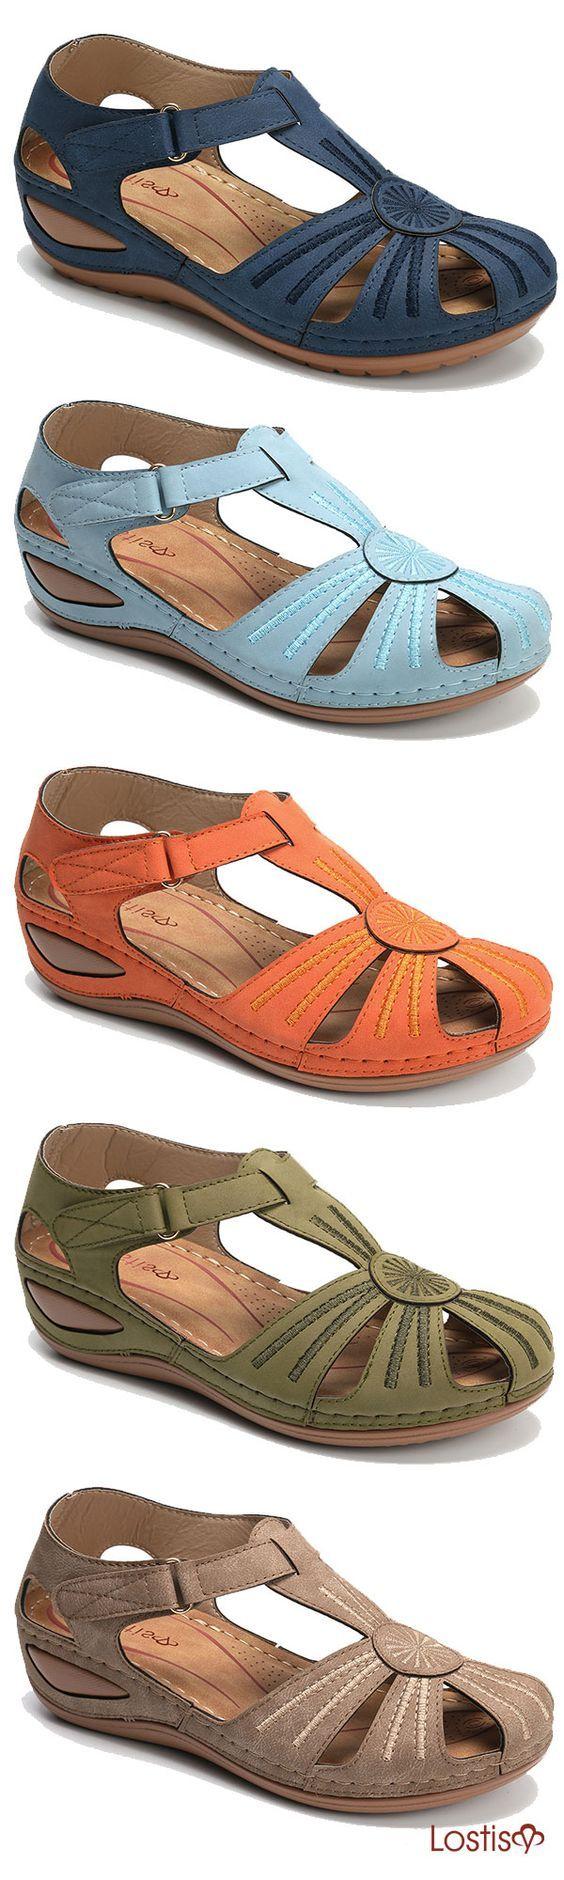 Comfy shoes, Comfortable shoes